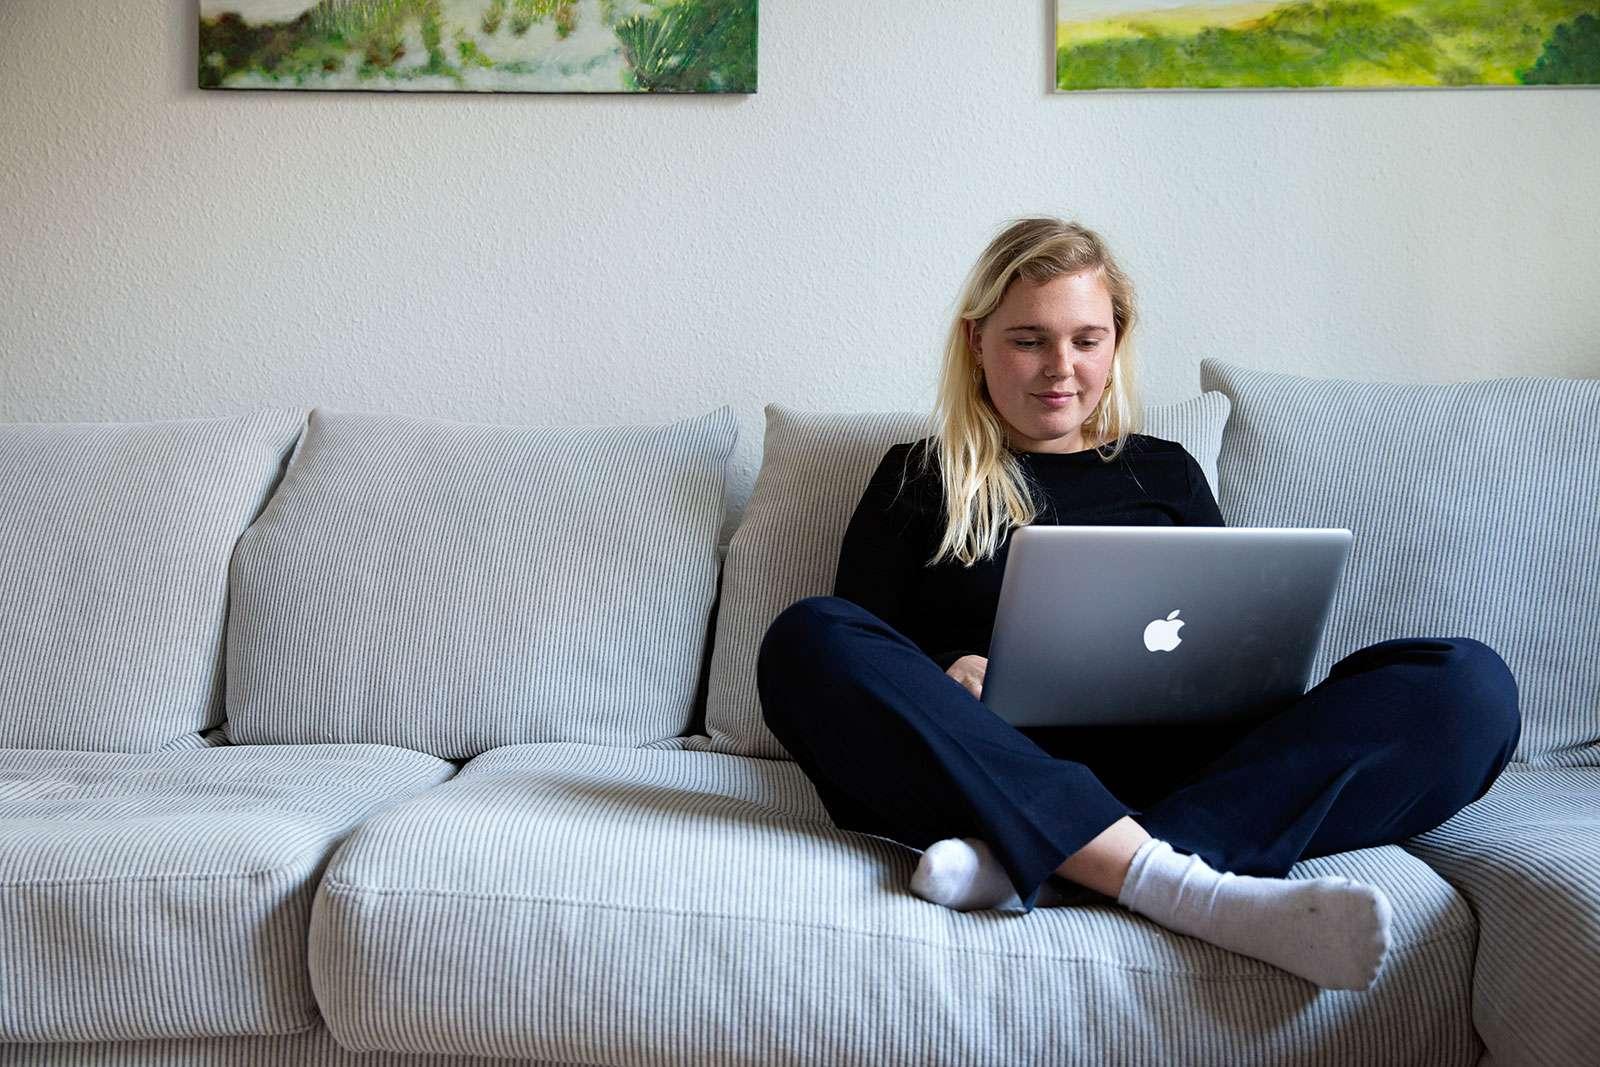 Ung kvinde modtager Skype-terapi